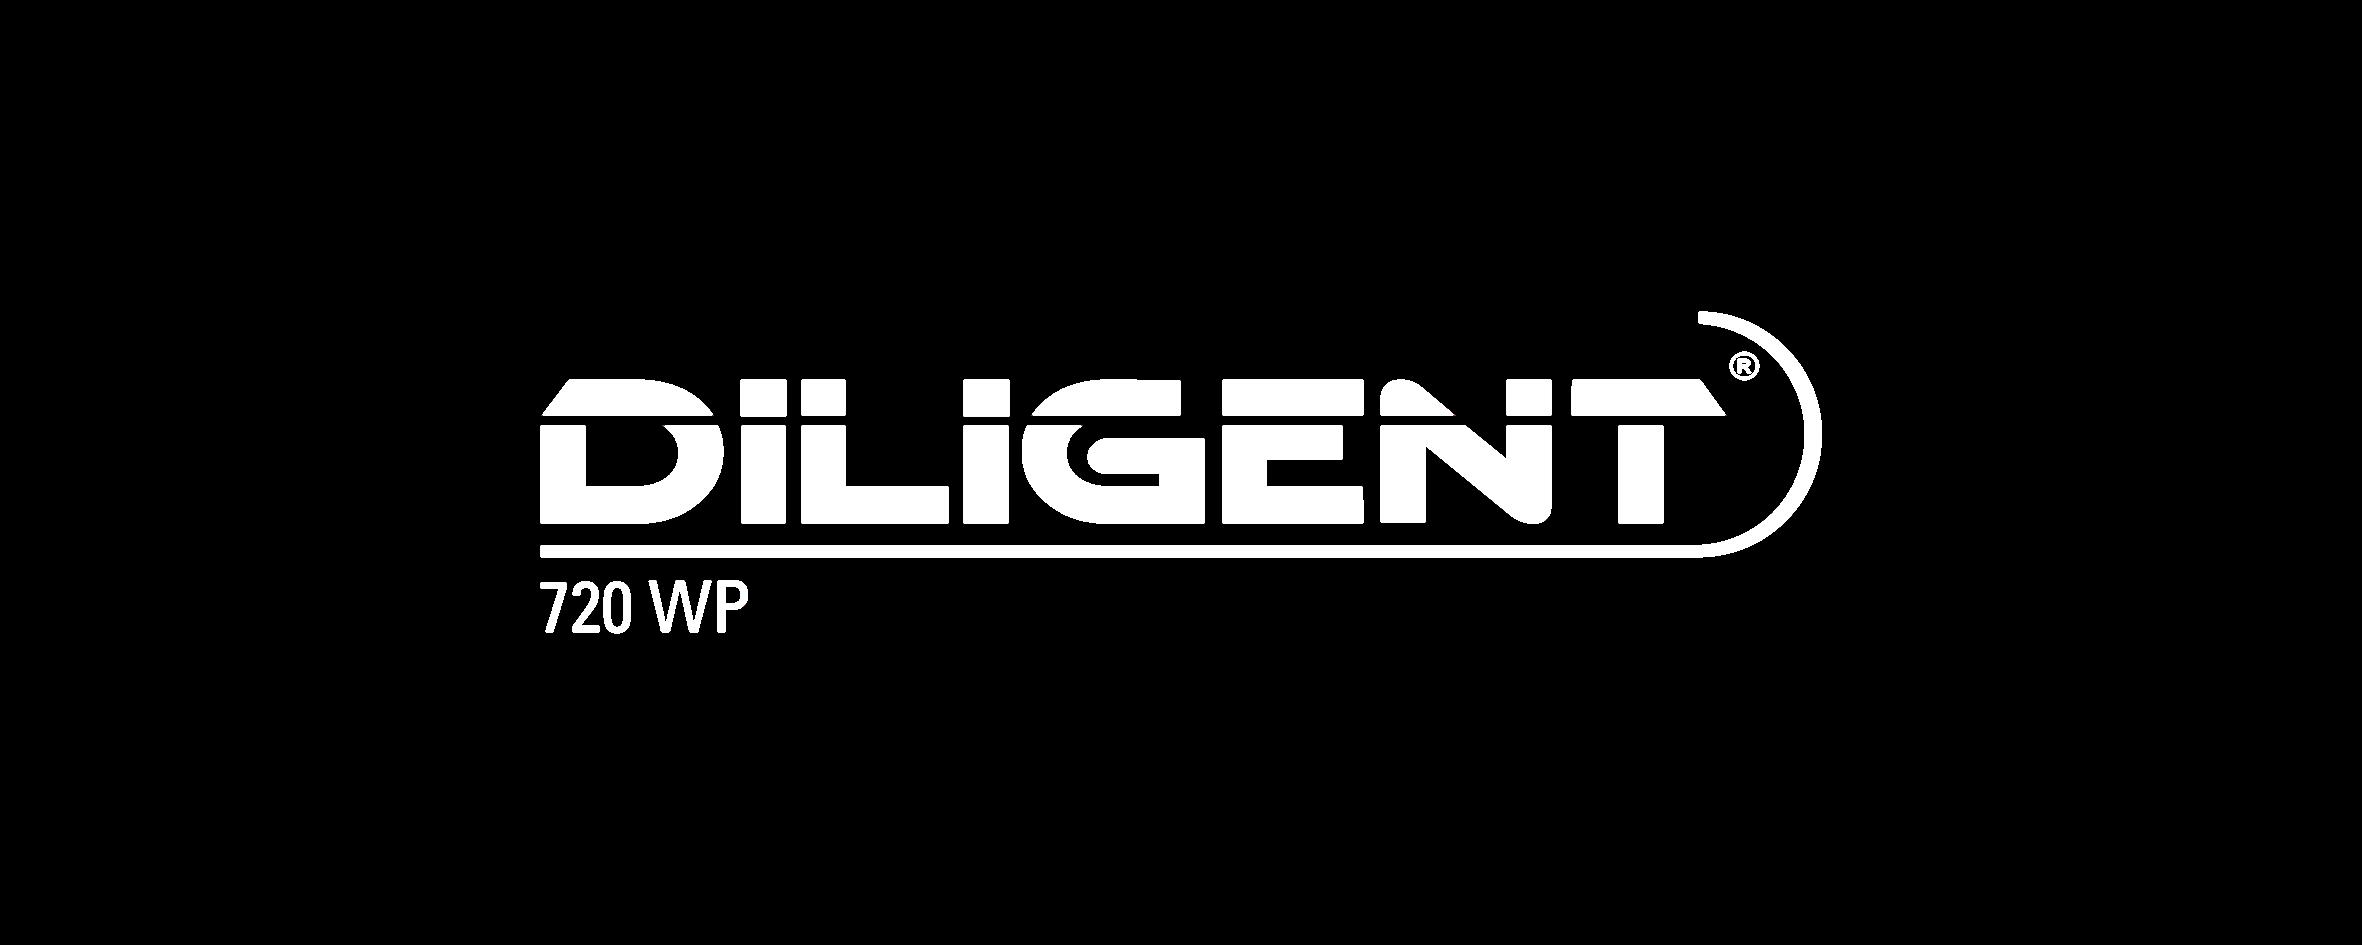 FUNGICIDAS_DILIGENT-720_White